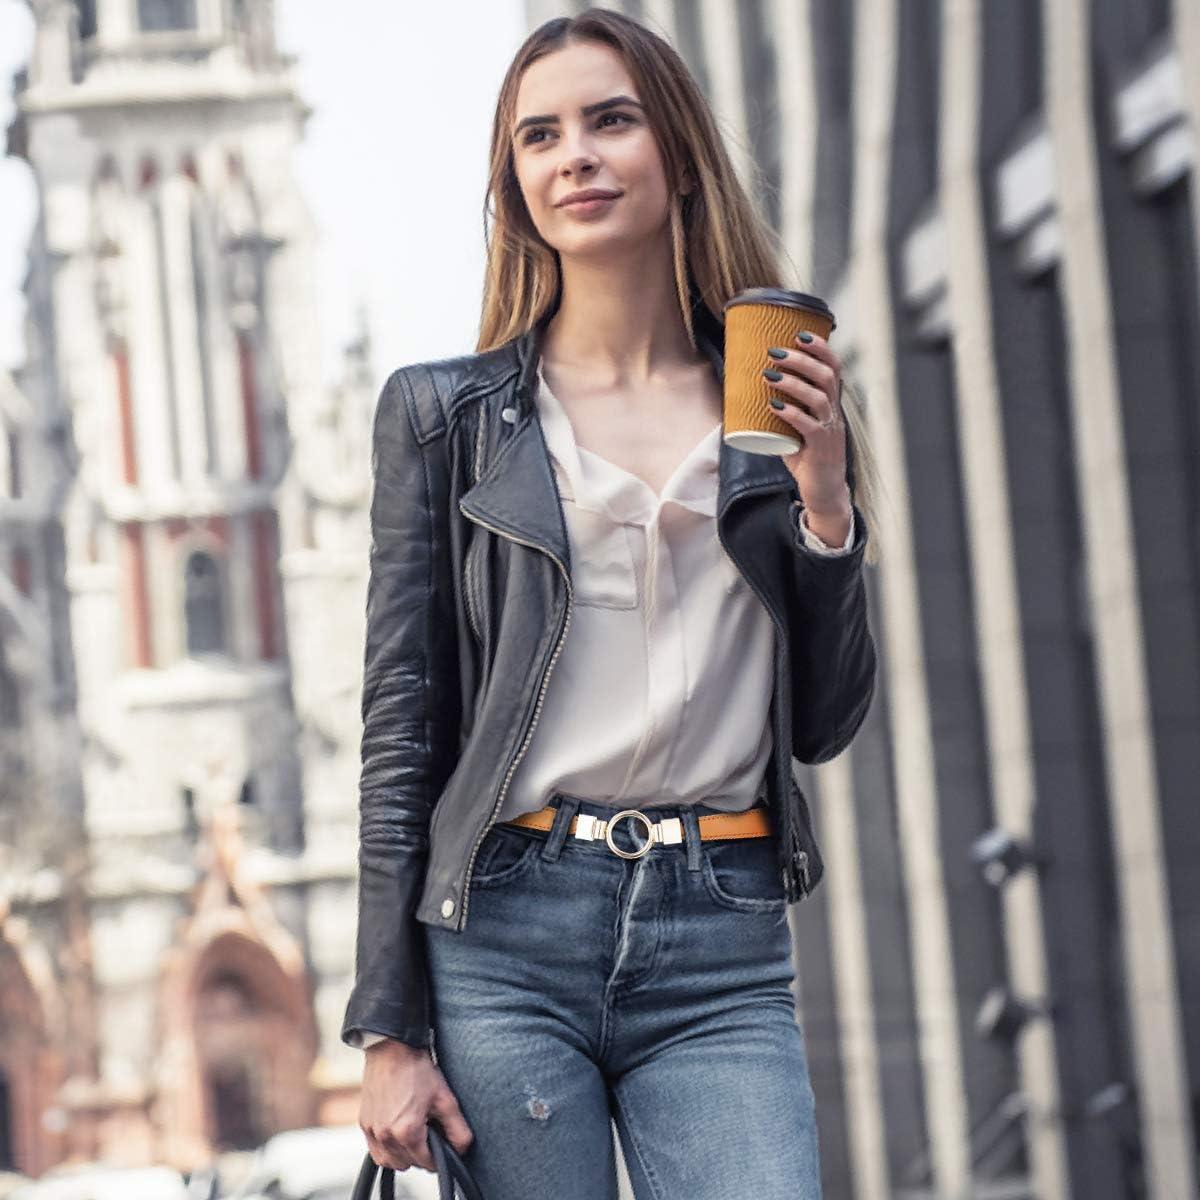 MELLIEX 2 Pezzi Donne Cintura Sottile in Vita Cintura Elastica con Fibbia Metallo per Abito Jeans